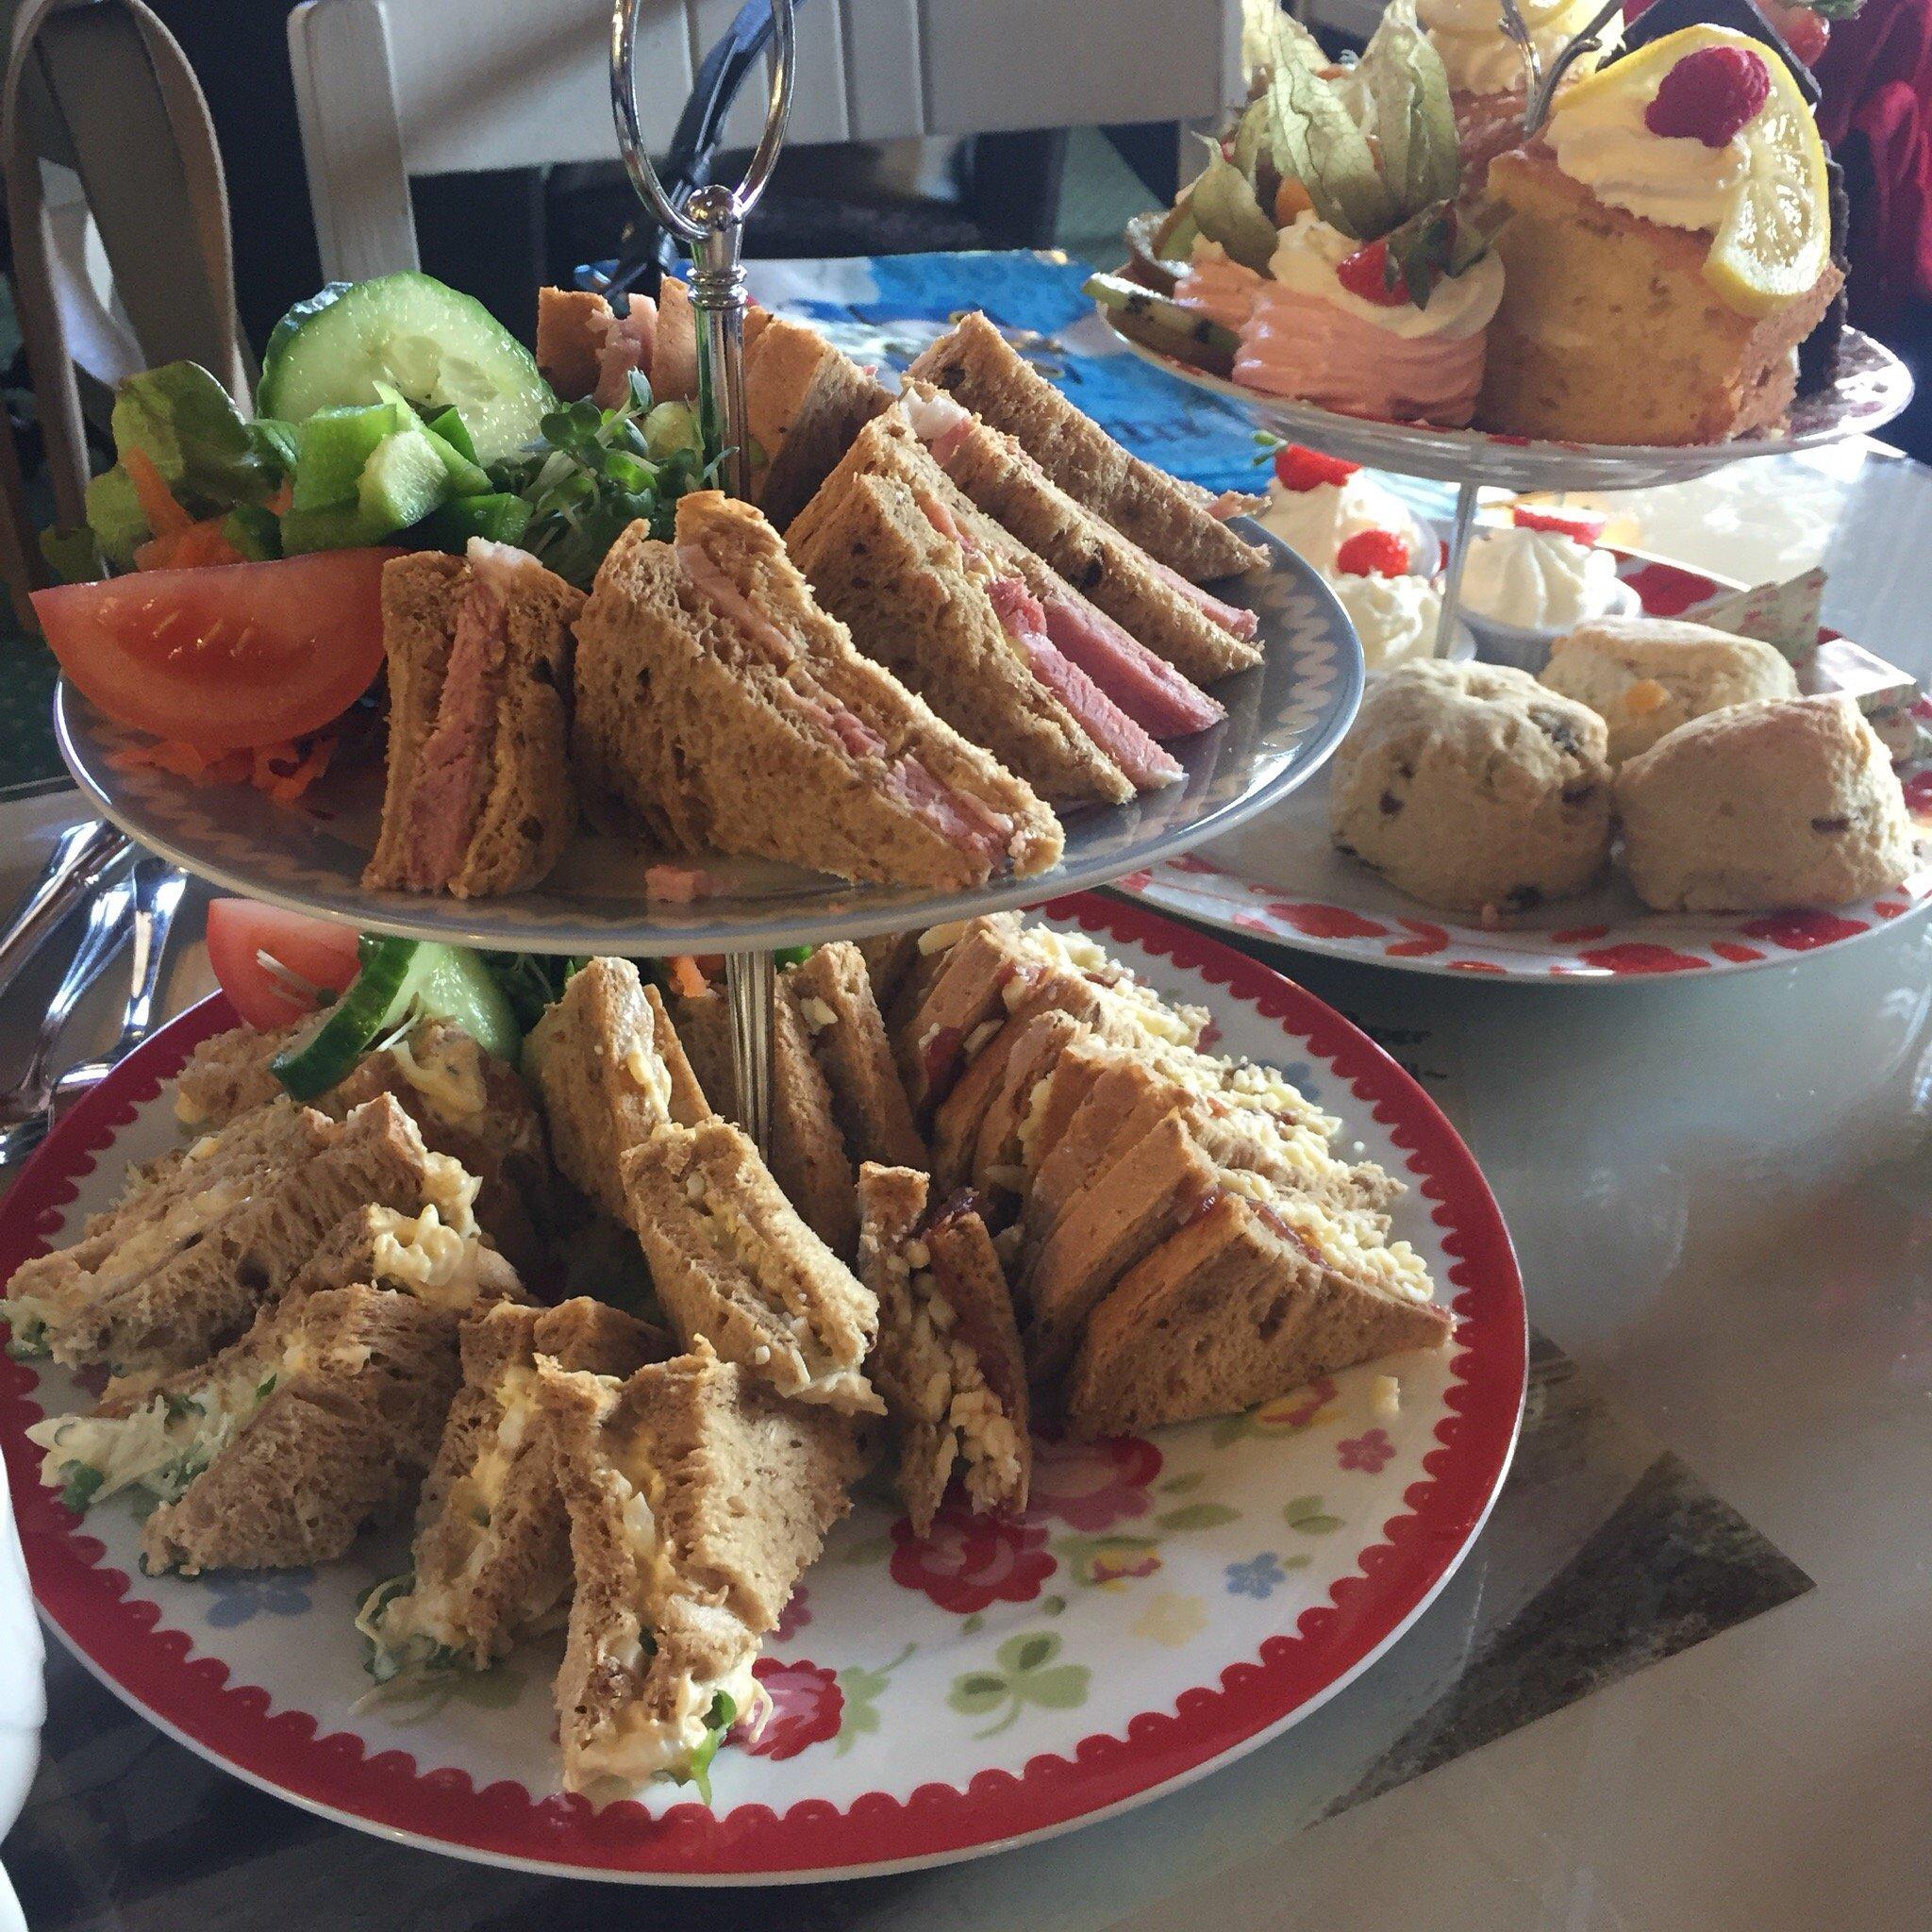 Edenshine Restaurant Within Afonwen Craft & Antique Centre | Denbigh Rd, Afon Wen CH7 5UB | +44 1352 720797